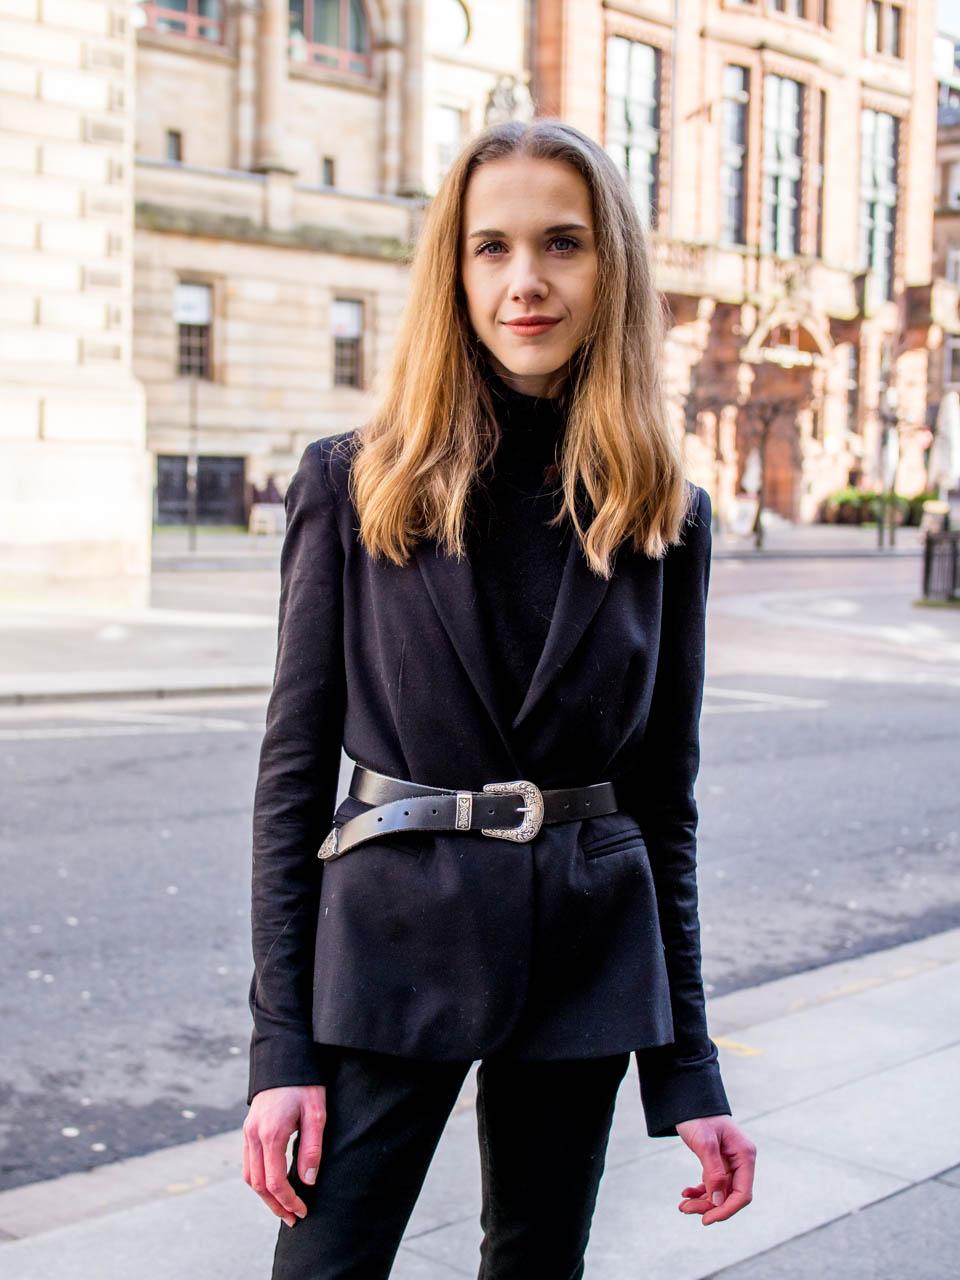 How to wear all black - Kuinka pukeutua kokomustaan